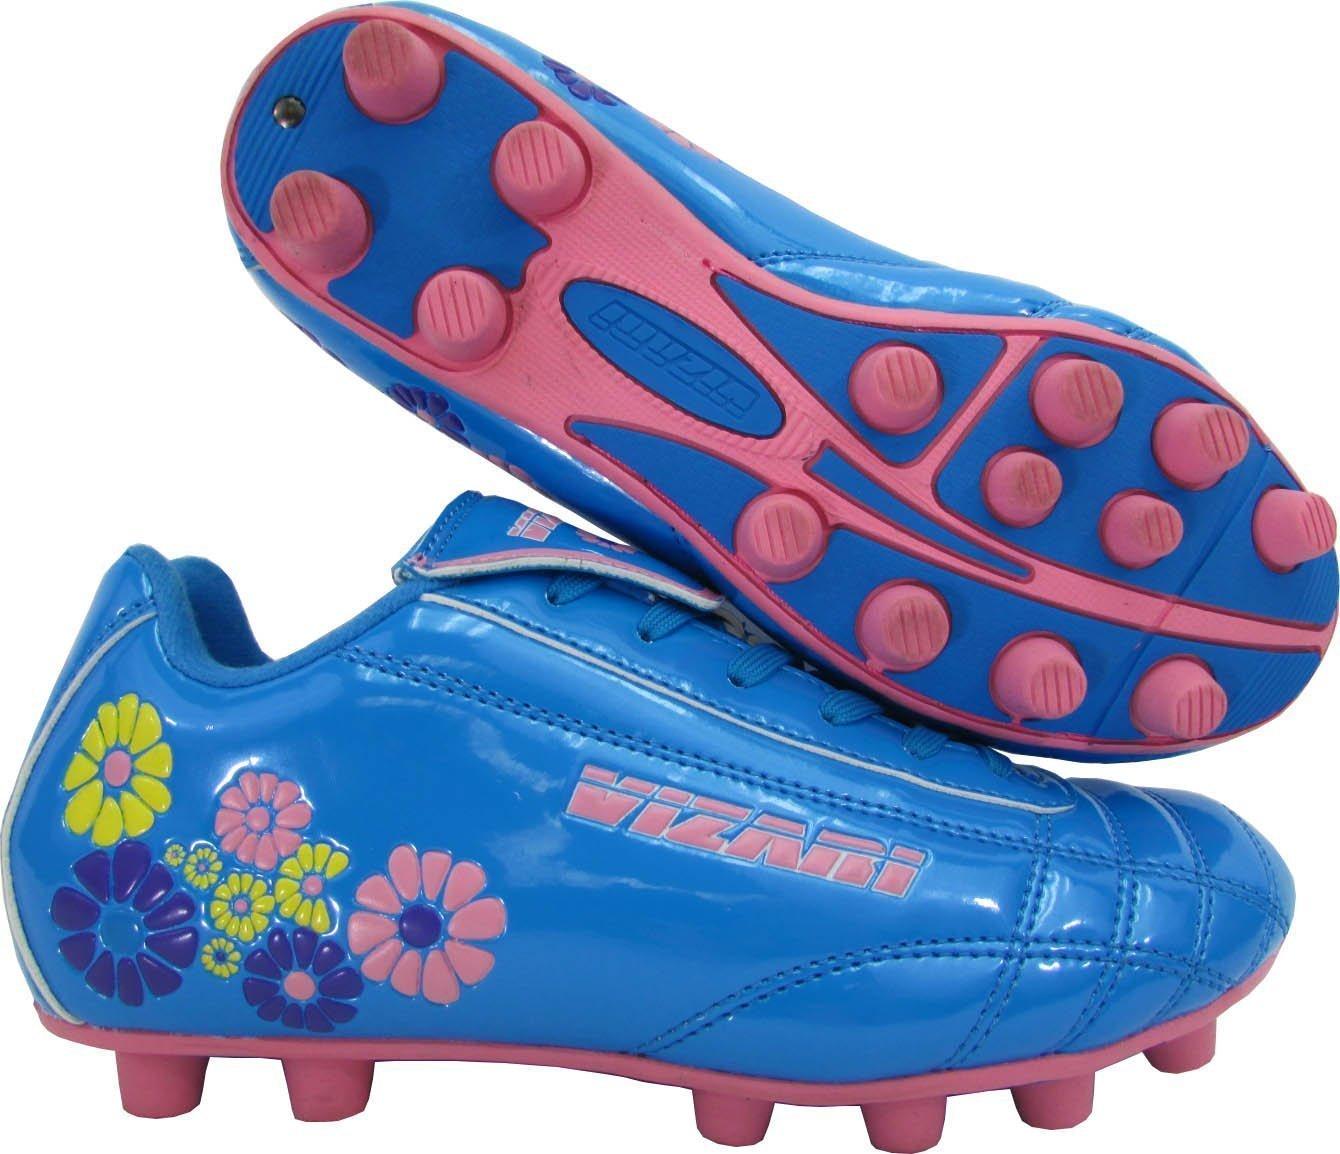 Vizari Blossom FG Soccer Shoe (Toddler/Little Kid) Blossom FG - K